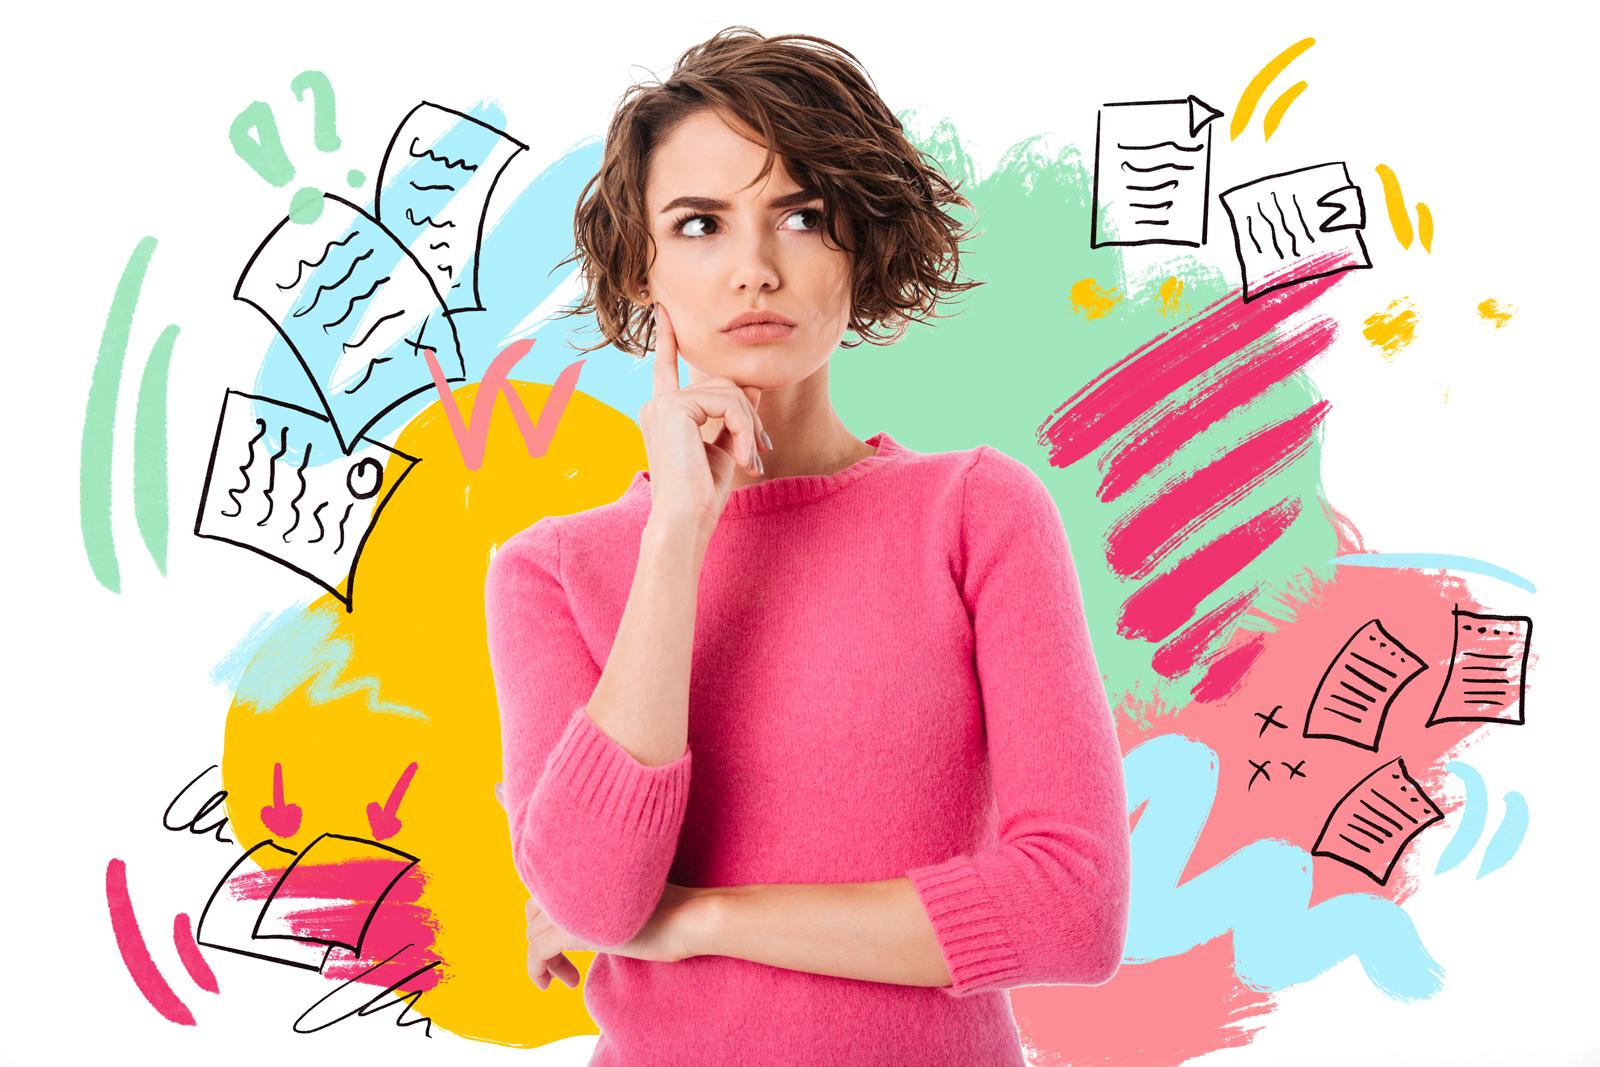 devojka razmišlja pred upis u srednje škole